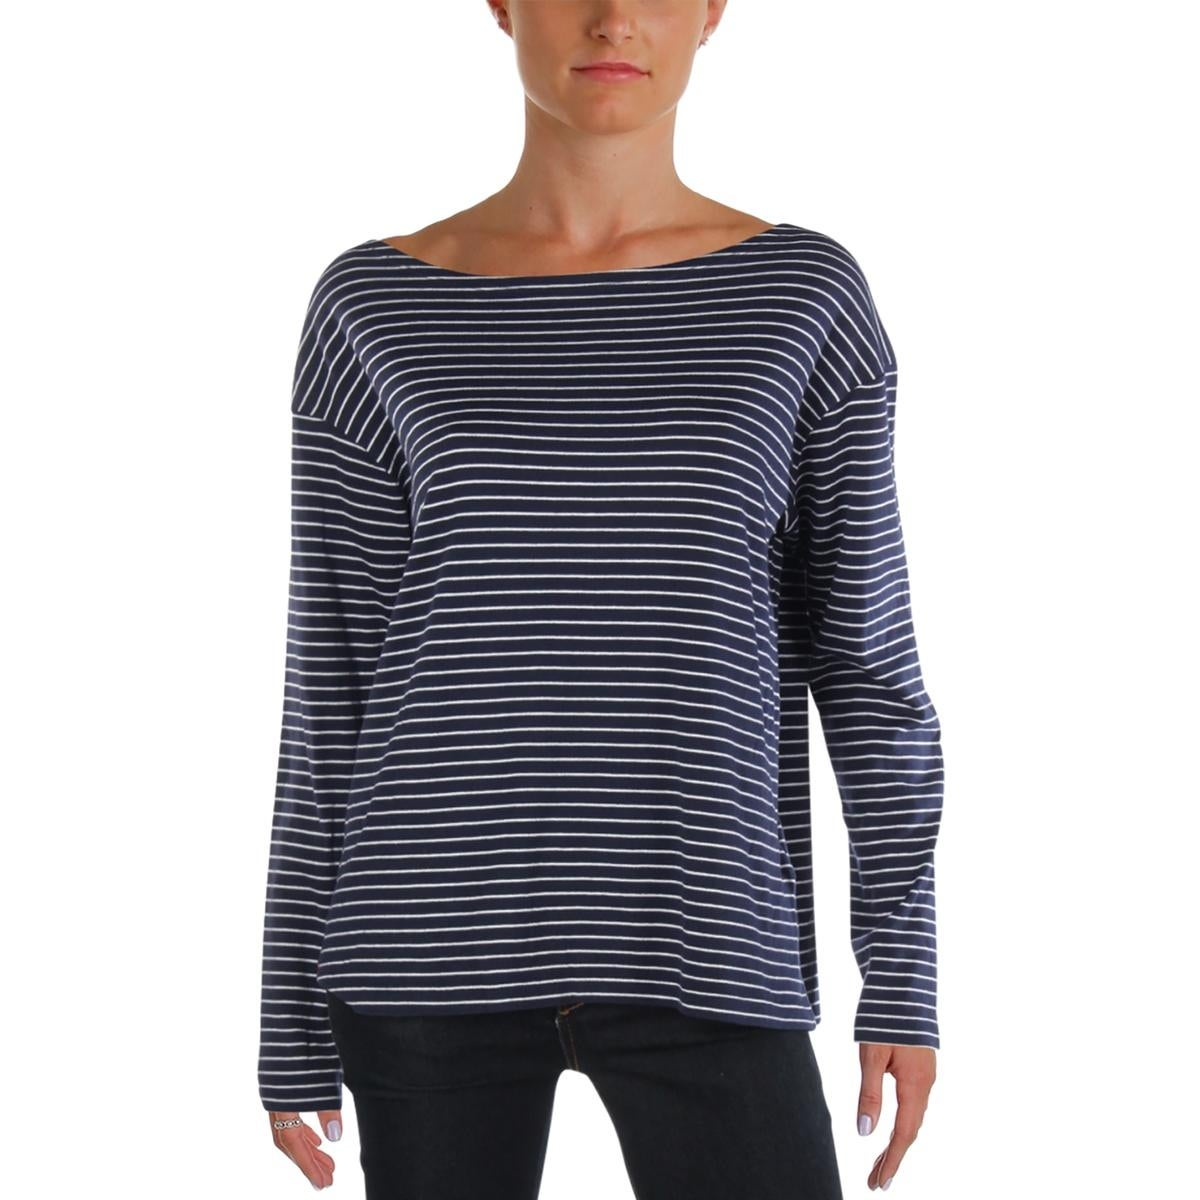 Shirt Network Lauren Polo Alzheimer's Of Womens Oregon T « Ralph Dress K3T1lcFJ